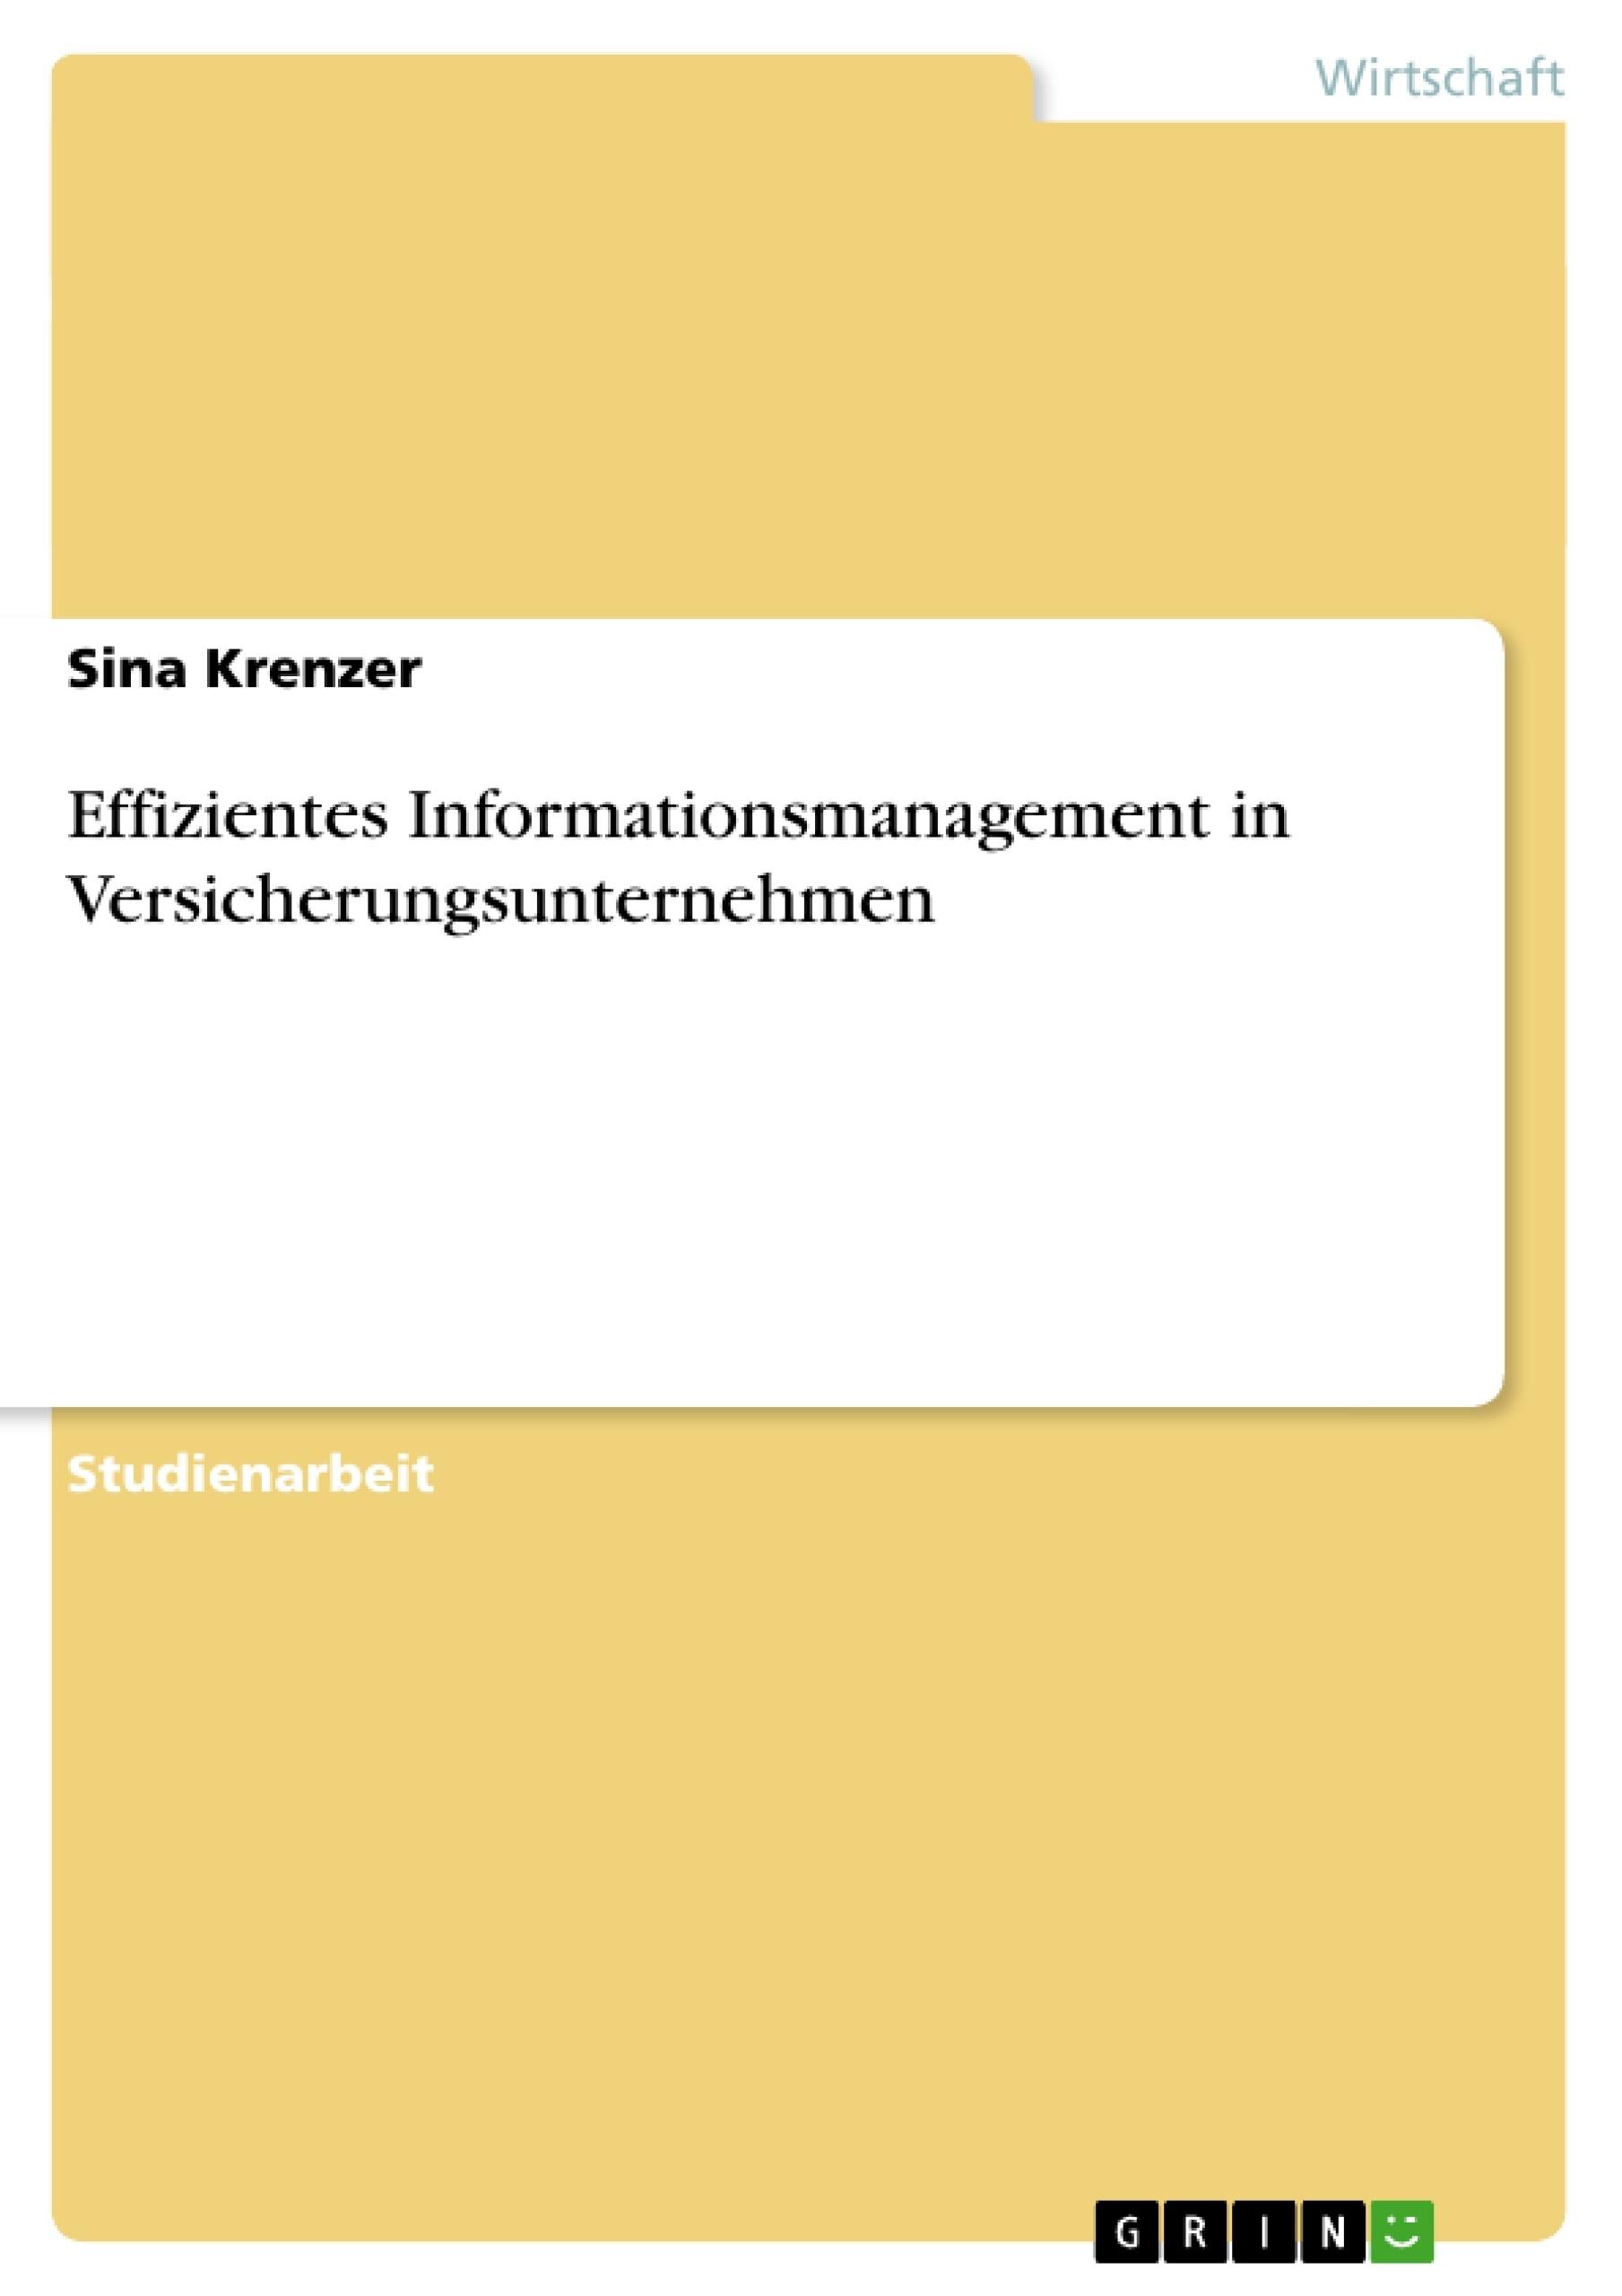 Titel: Effizientes Informationsmanagement in Versicherungsunternehmen